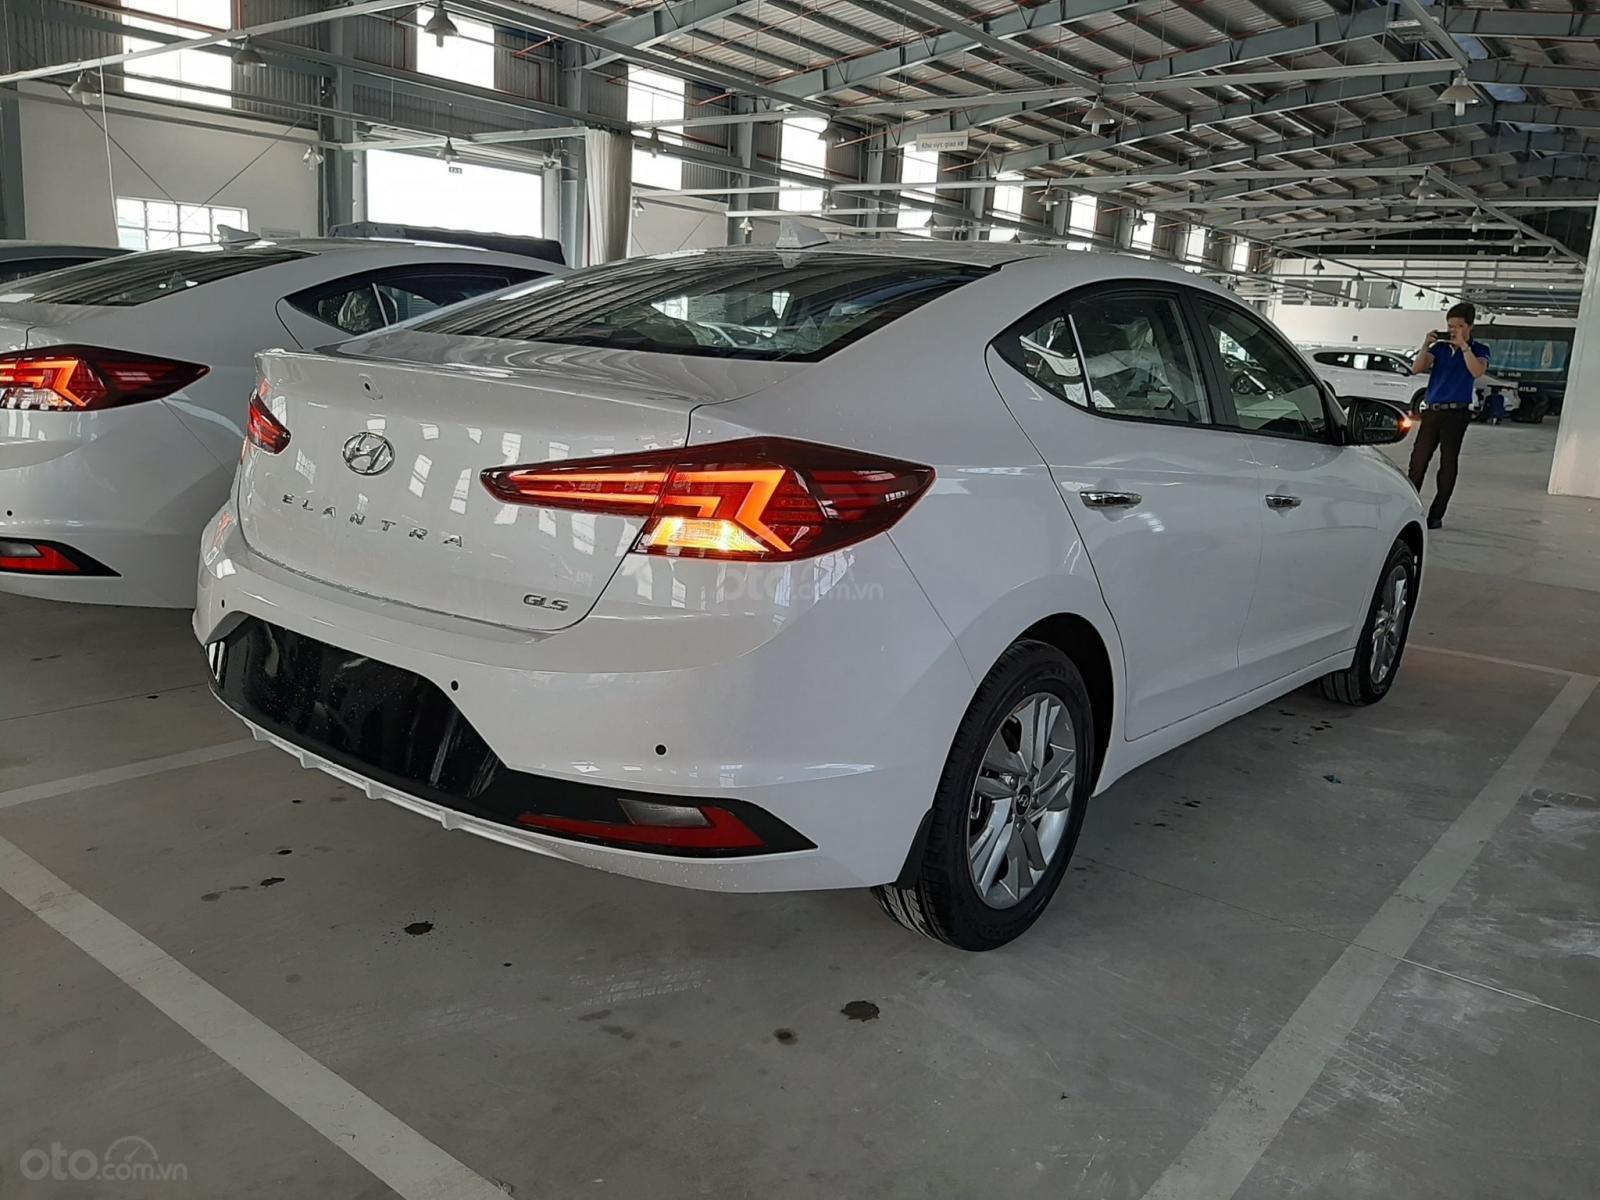 Cần bán xe Hyundai Elantra đời 2019, màu trắng, nhập khẩu-13